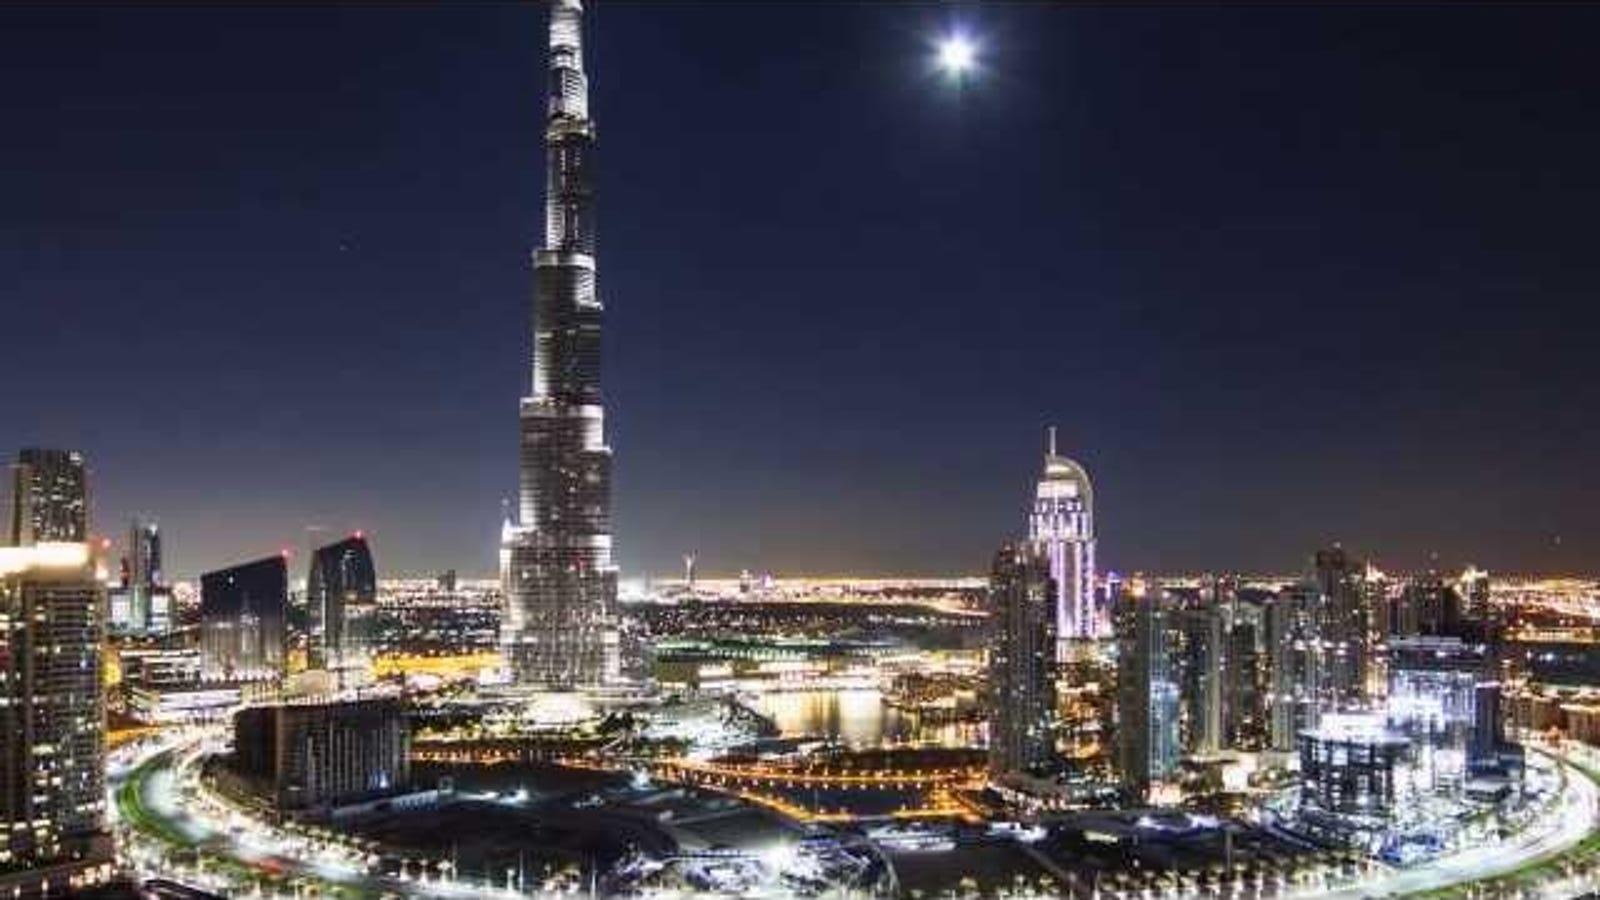 28 horas en dos minutos: el espectacular timelapse de Dubái